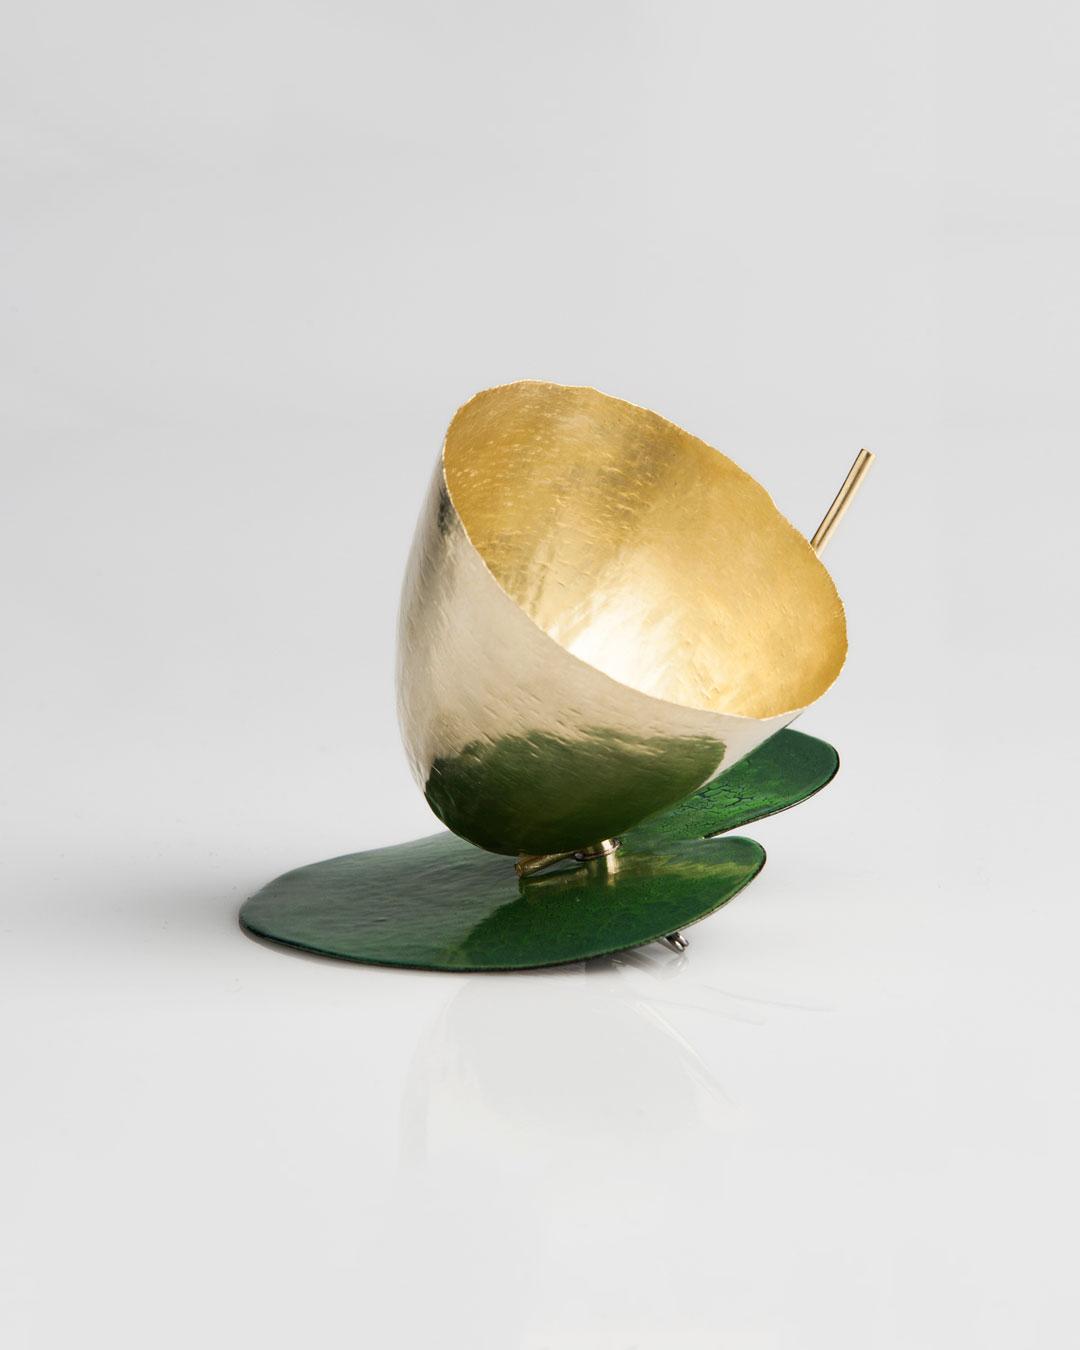 Andrea Wippermann, Grosse Blüte auf Grün (Large Bloom in Green), 2015, brooch; enamelled steel, gold, stainless steel, 95 x 95 x 80 mm, €7800